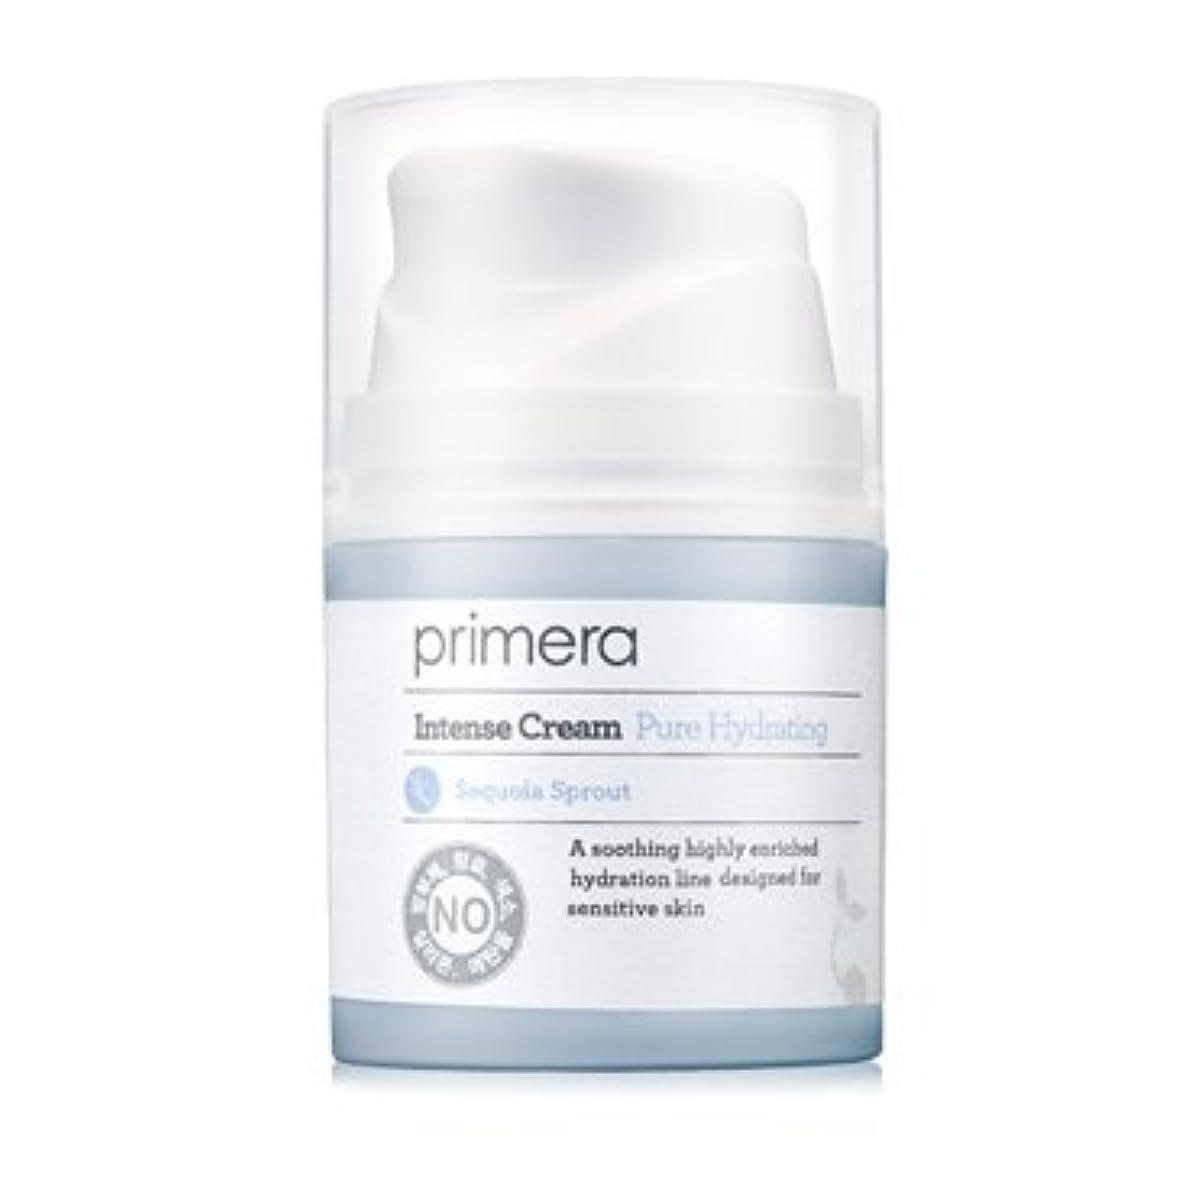 かすかなゆりかごランタンPRIMERA プリメラ ピュア ハイドレイティング インテンス クリーム(Pure Hydrating Intense Cream)30ml